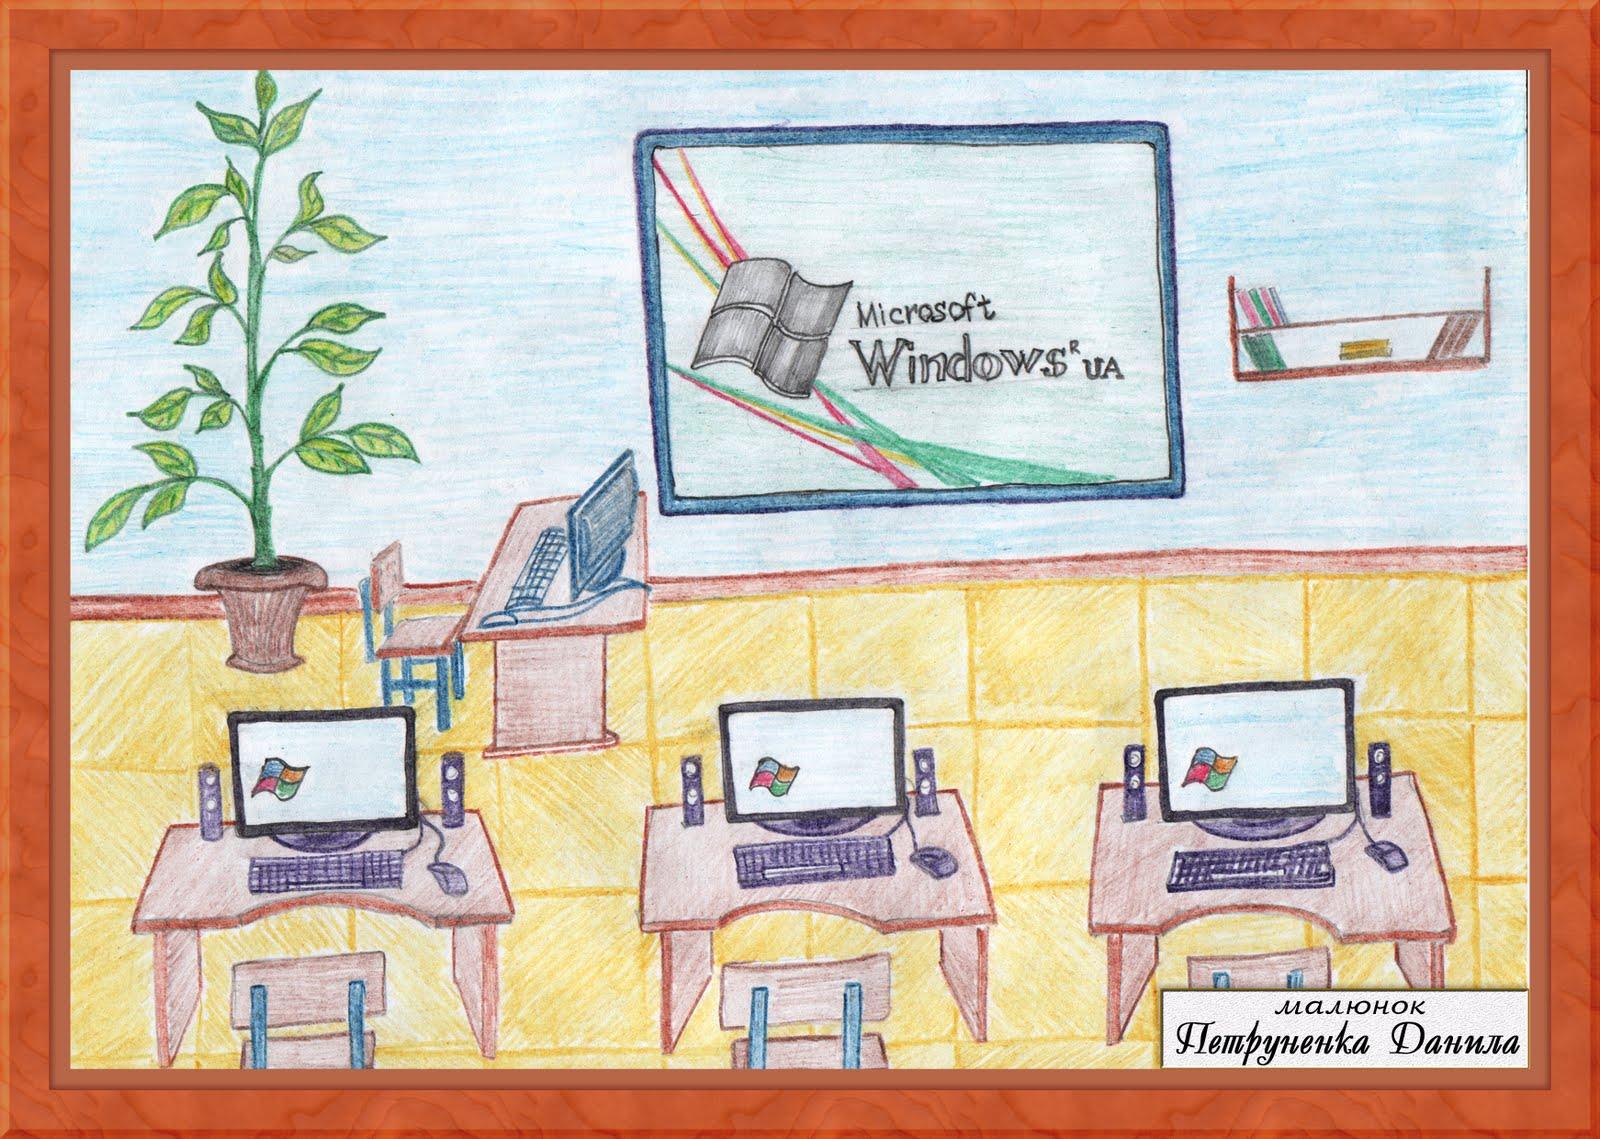 Рисунок школьных принадлежностей будущего фото